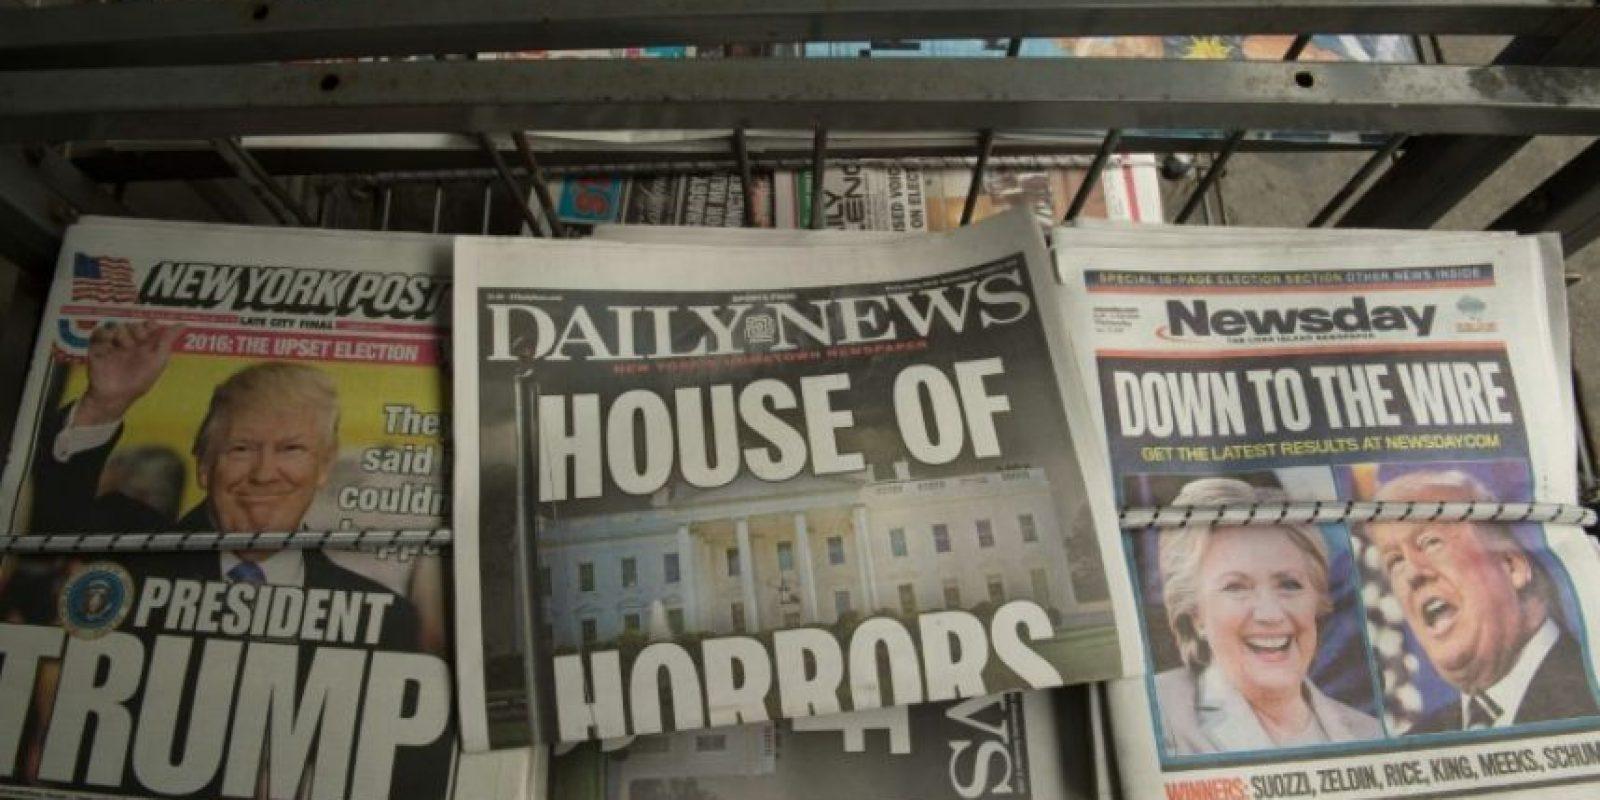 Portadas de diarios estadounidenses anunciando la vitoria de Donald Trump en las elecciones presidenciales, el 9 de noviembre de 2016 en Nueva York Foto:Bryan R. Smith/afp.com